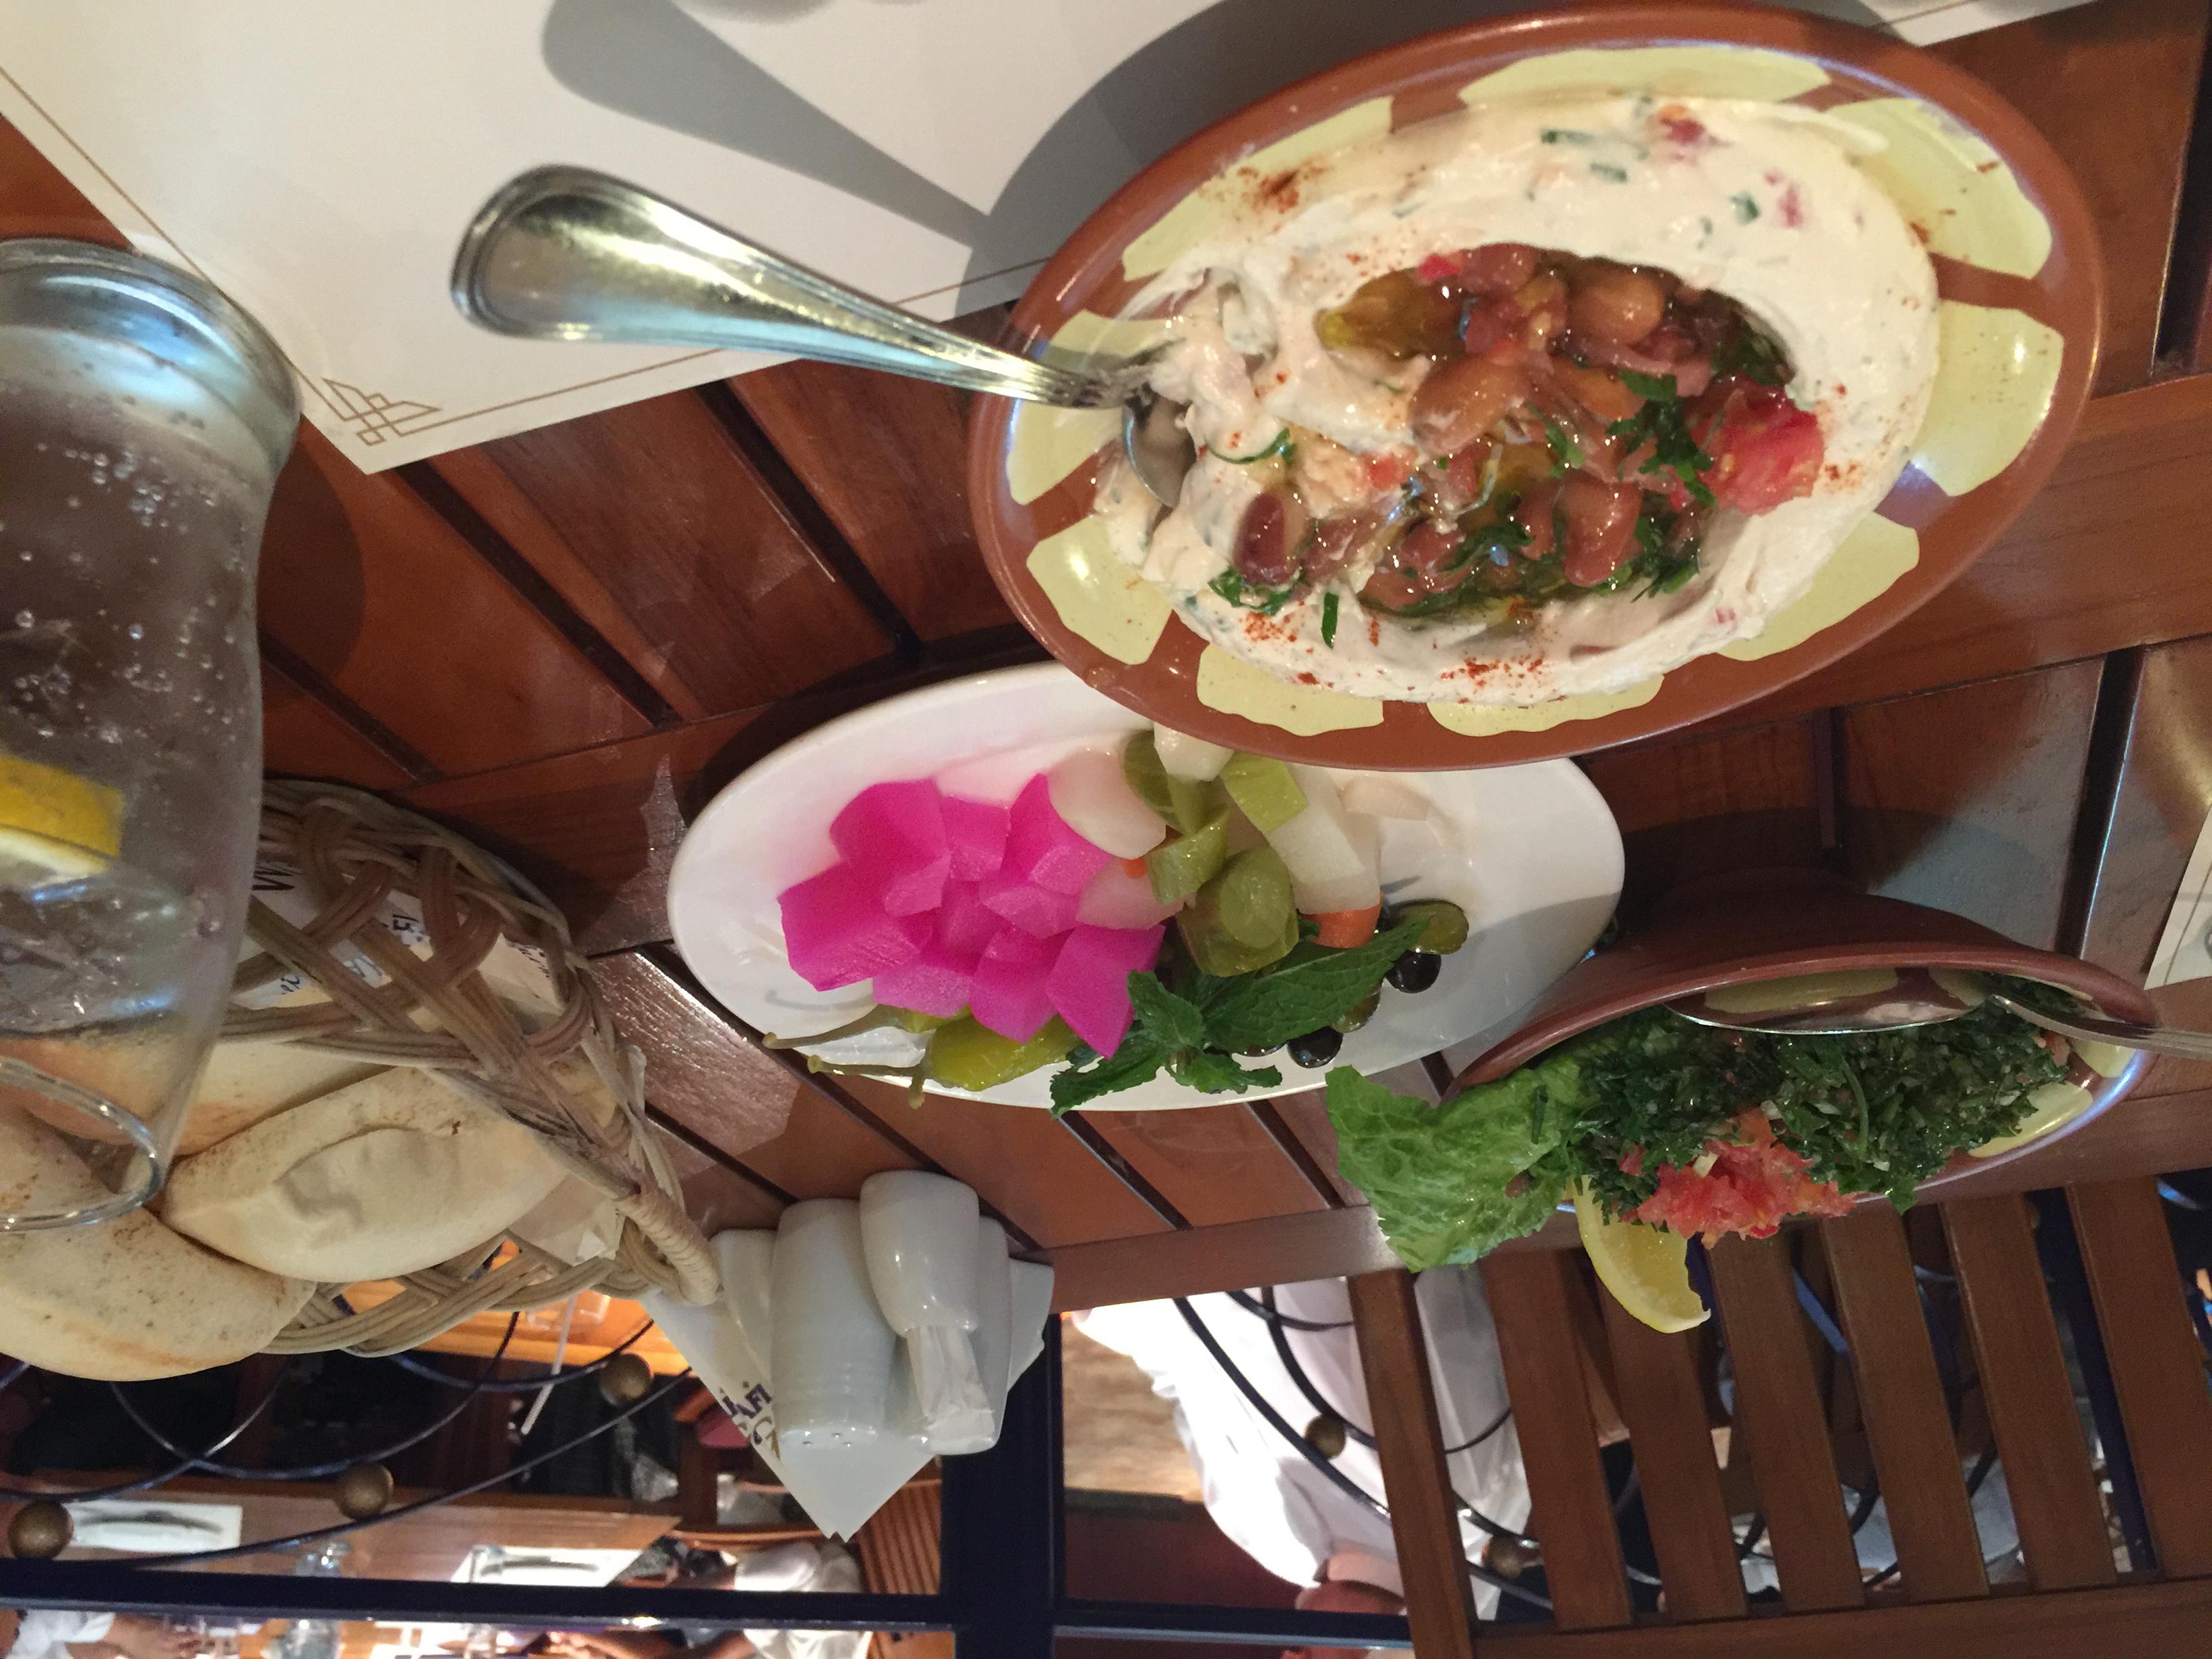 Dubai Food in a restaurant in Palm Jumeirah